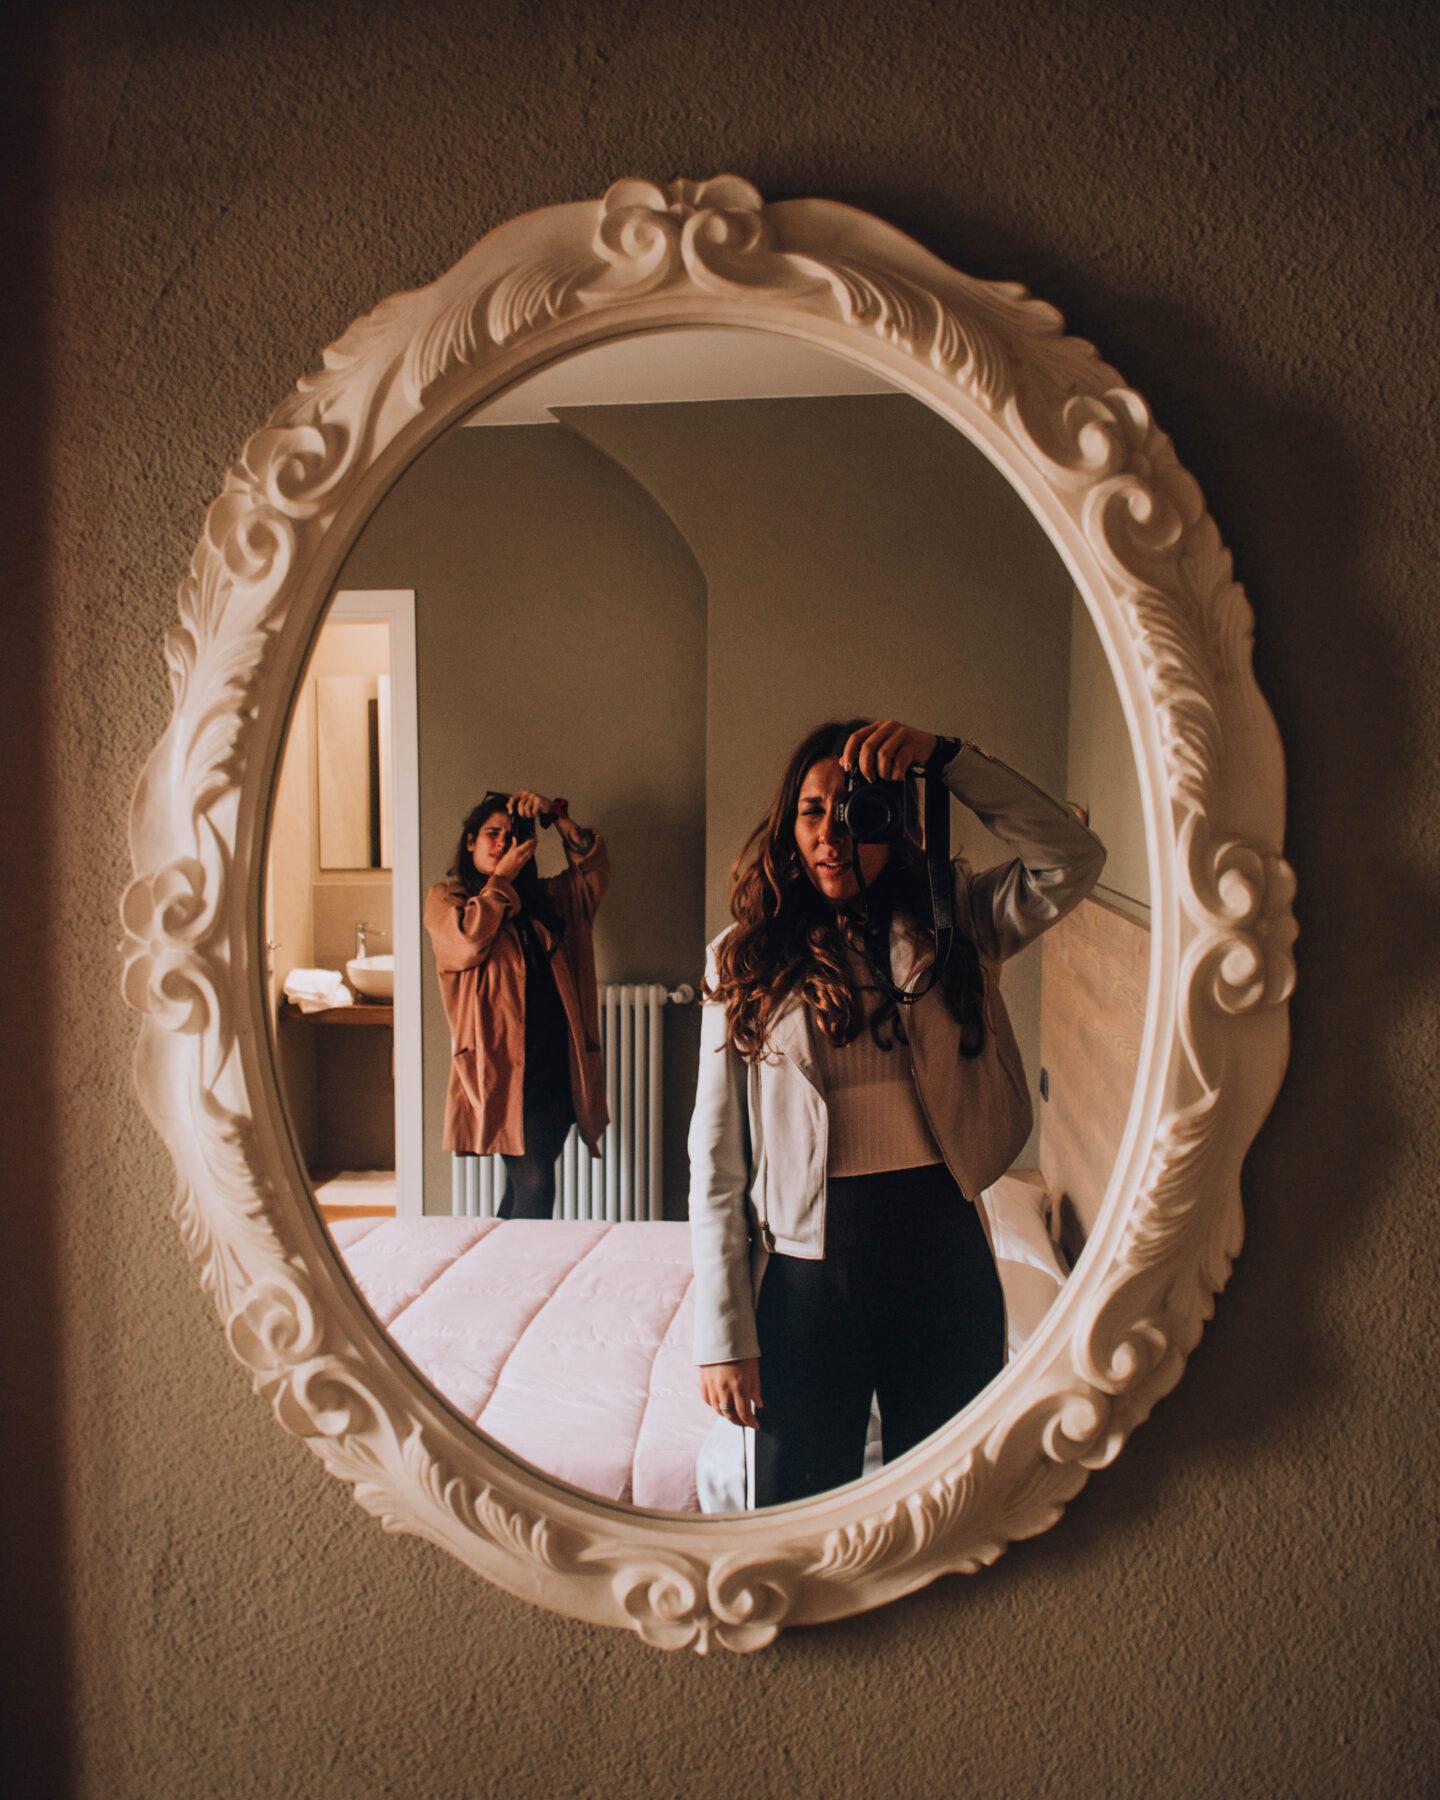 ragazze che si fotografano allo specchio